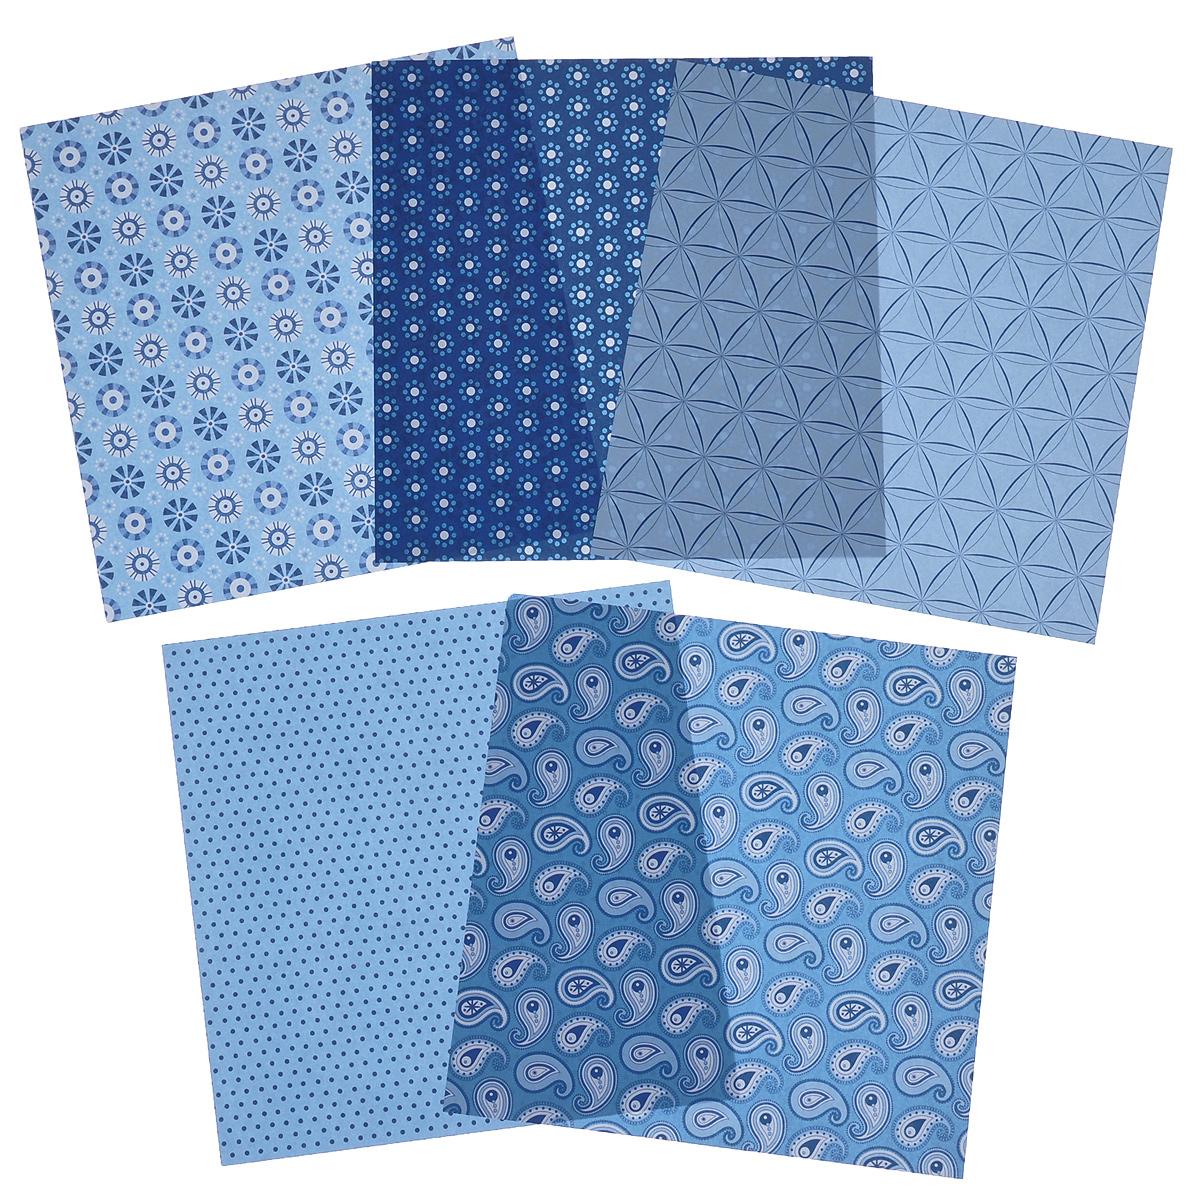 Бумага для оригами Folia, цвет: голубой, 15 см х 15 см, 50 листов7708018Набор специальной цветной двусторонней бумаги для оригами Folia содержит 50 листов разных цветов, которые помогут вам и вашему ребенку сделать яркие и разнообразные фигурки. В набор входит бумага пяти разных дизайнов. С одной стороны - бумага однотонная, с другой - оформлена оригинальными узорами и орнаментами. Эти листы можно использовать для оригами, украшения для садового подсвечника или для создания новогодних звезд. При многоразовом сгибании листа на бумаге не появляются трещины, так как она обладает очень высоким качеством. Бумага хорошо комбинируется с цветным картоном. За свою многовековую историю оригами прошло путь от храмовых обрядов до искусства, дарящего радость и красоту миллионам людей во всем мире. Складывание и художественное оформление фигурок оригами интересно заполнят свободное время, доставят огромное удовольствие, радость и взрослым и детям. Увлекательные занятия оригами развивают мелкую моторику рук, воображение,...